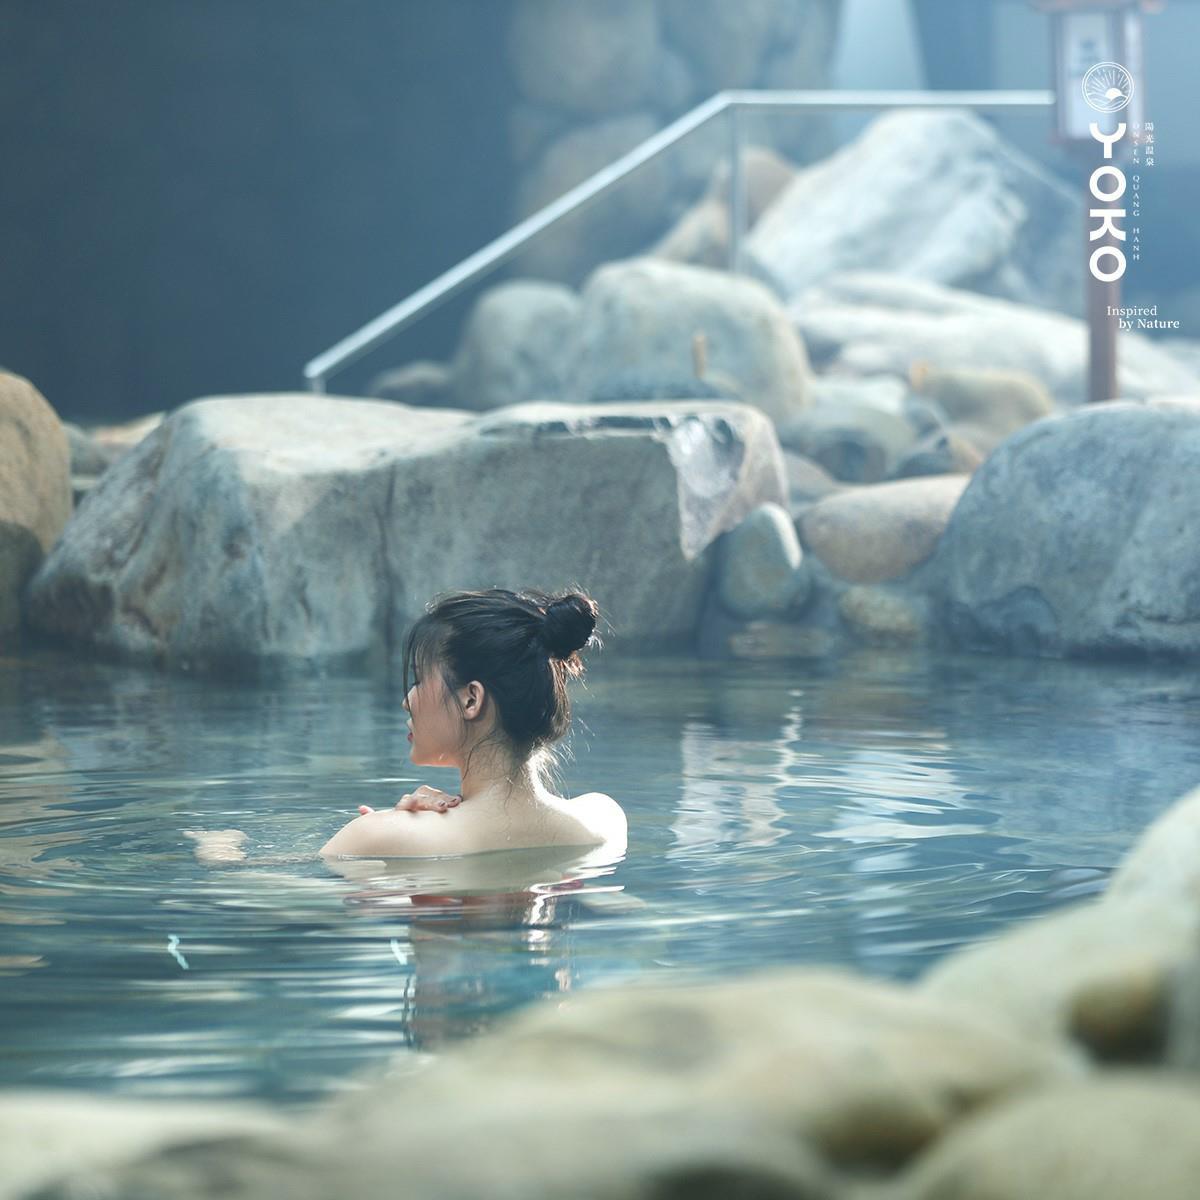 5 bí mật cho vẻ đẹp vượt thời gian của phụ nữ Nhật Bản - Ảnh 1.